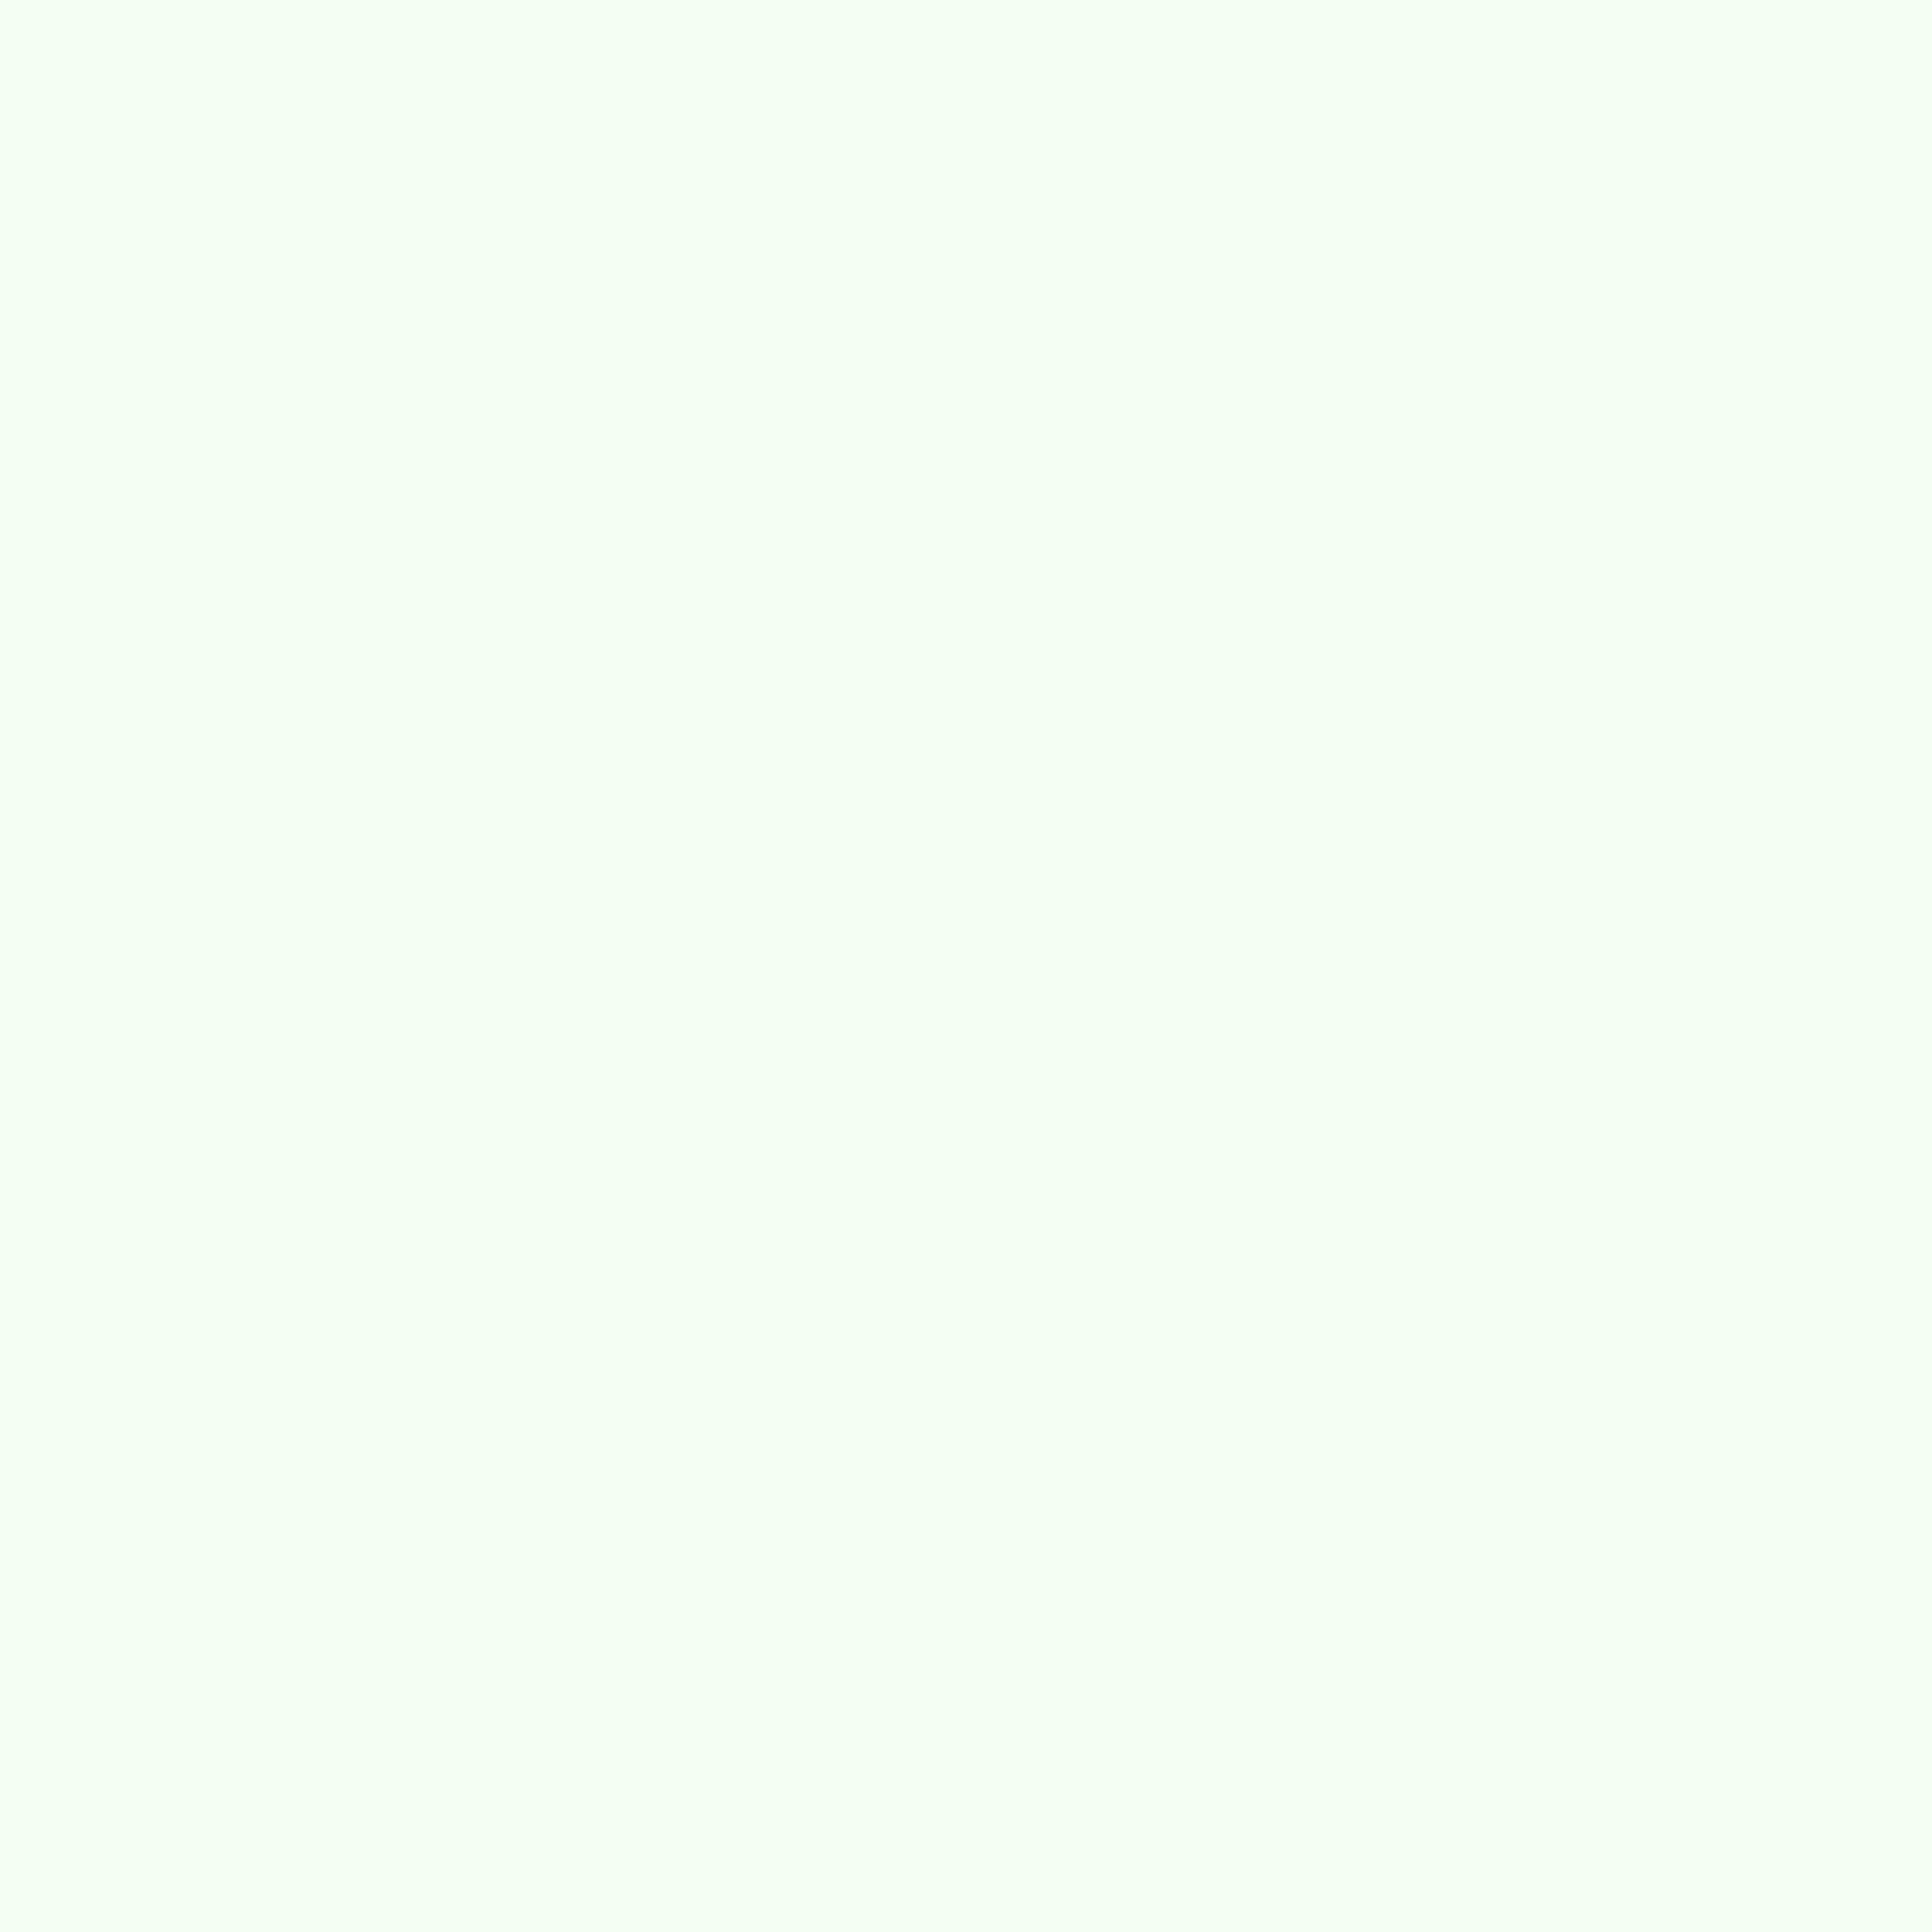 LEE FILTER GEL 20X24 1/8 PLUS GREEN  278